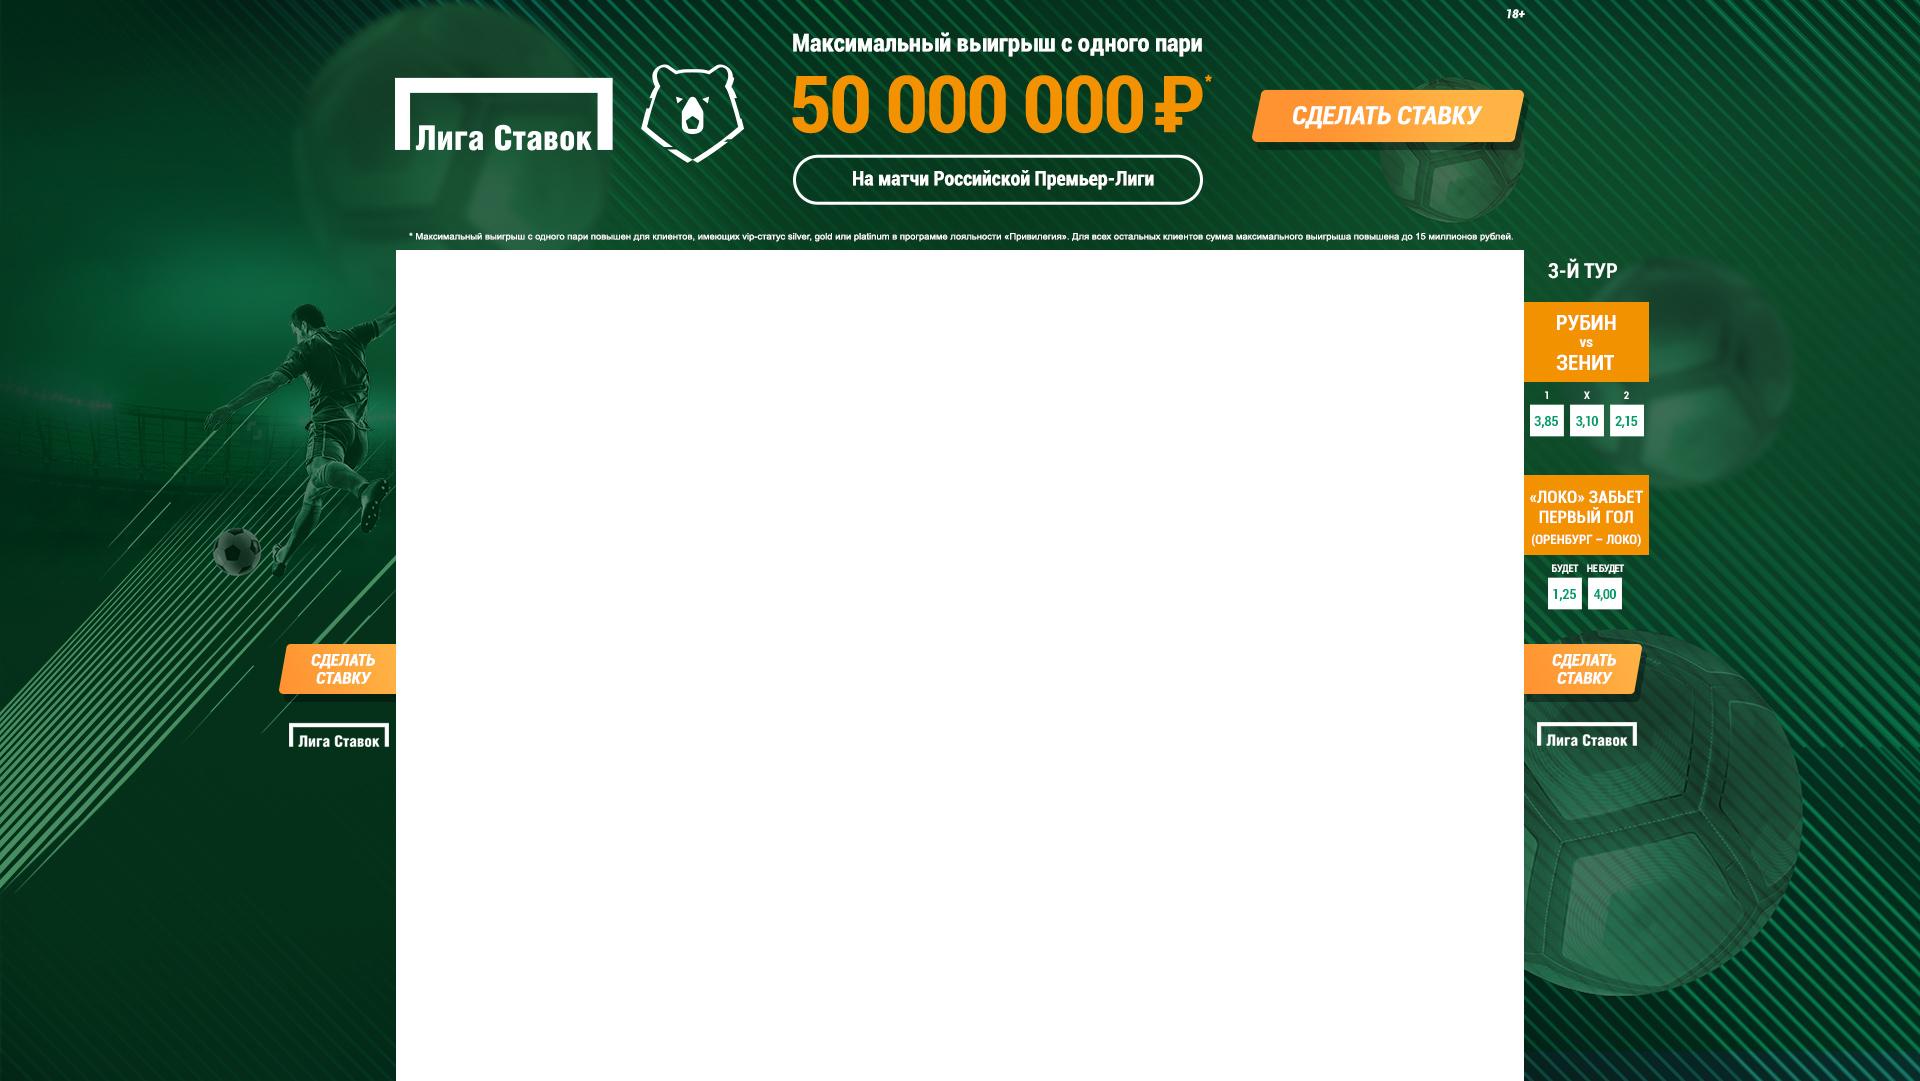 Брендирование//Лига ставок//50 млн.